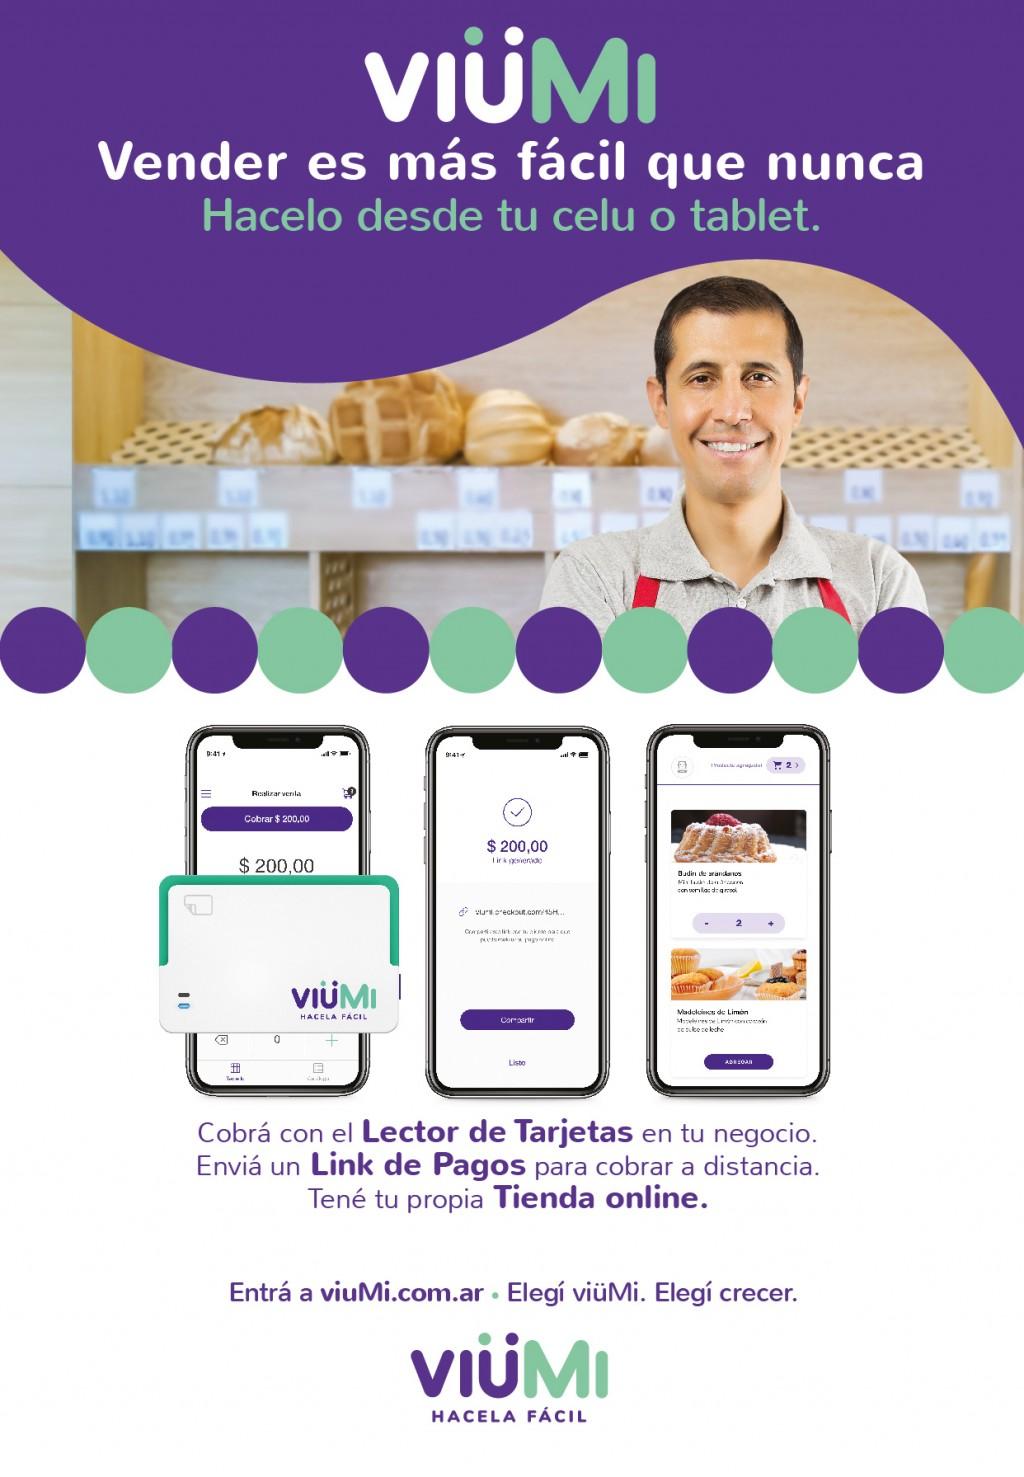 Banco Macro presenta VIÜMI: vender es más facil que nunca